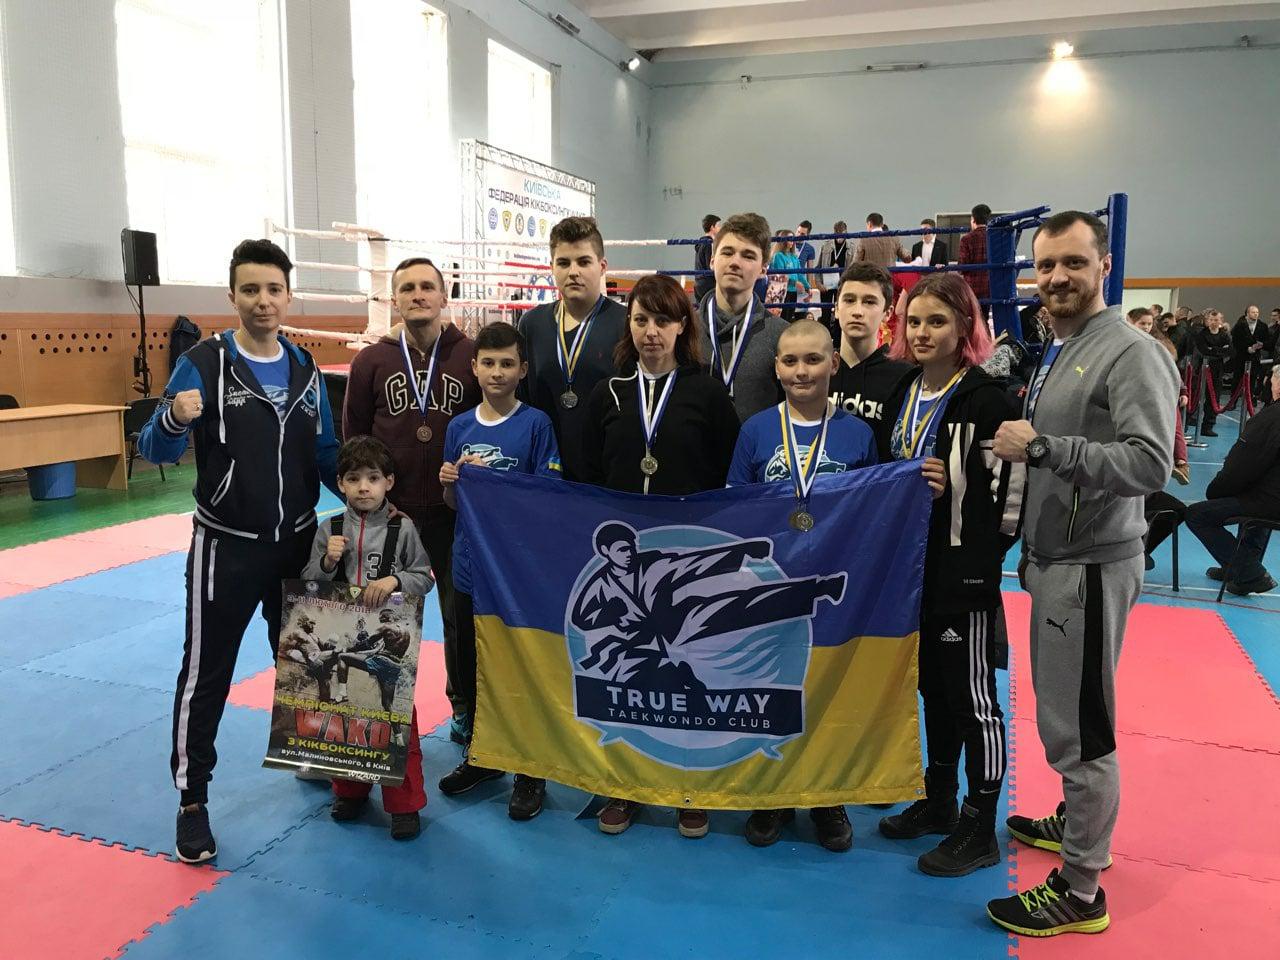 champ-Kyiv-2018-3 Хто зібрав найбільший врожай на чемпіонаті Києва?champ Kyiv 2018 3 -